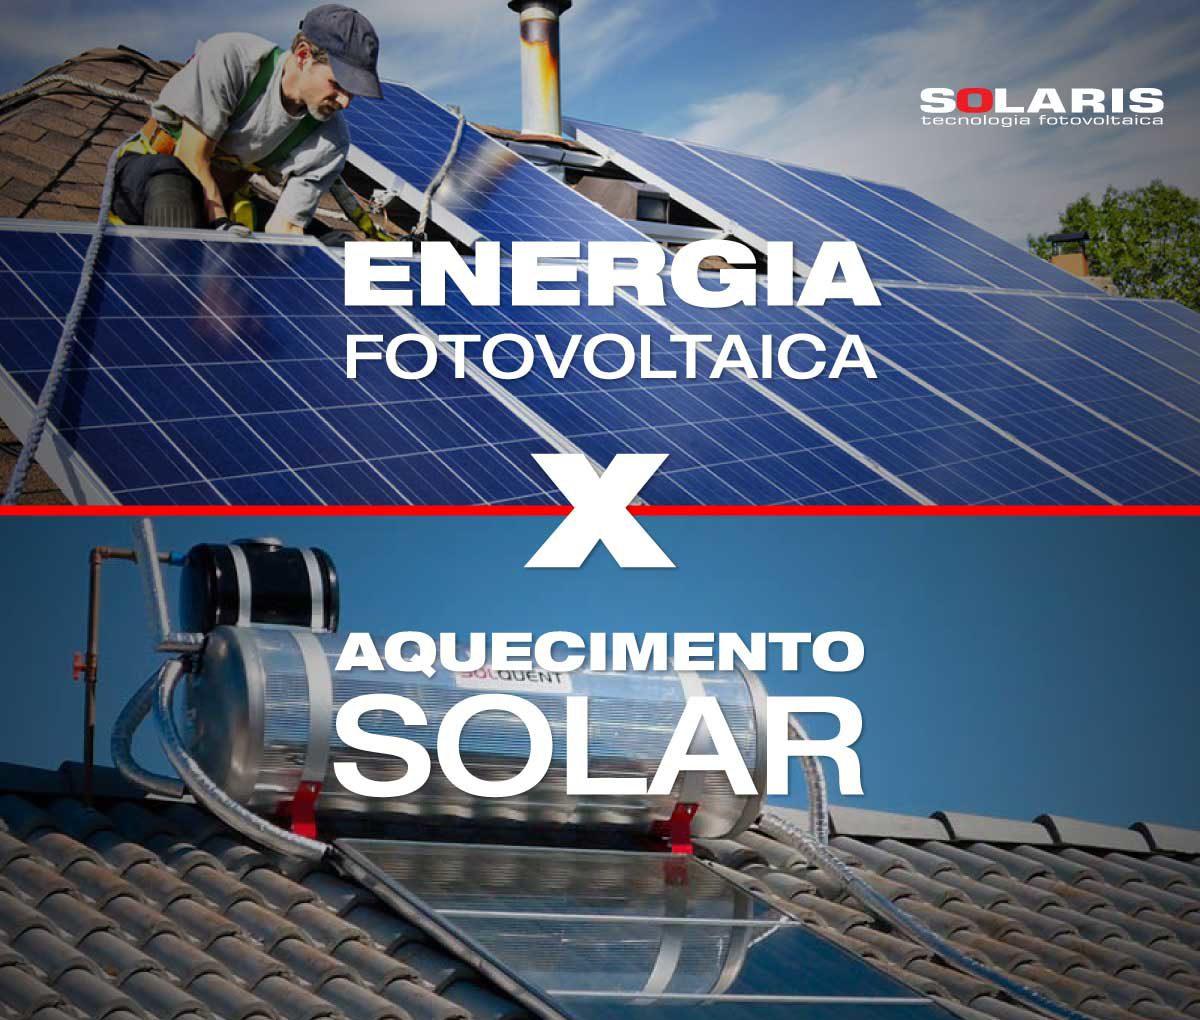 Diferenças entre Energia Fotovoltaica e Aquecimento Solar